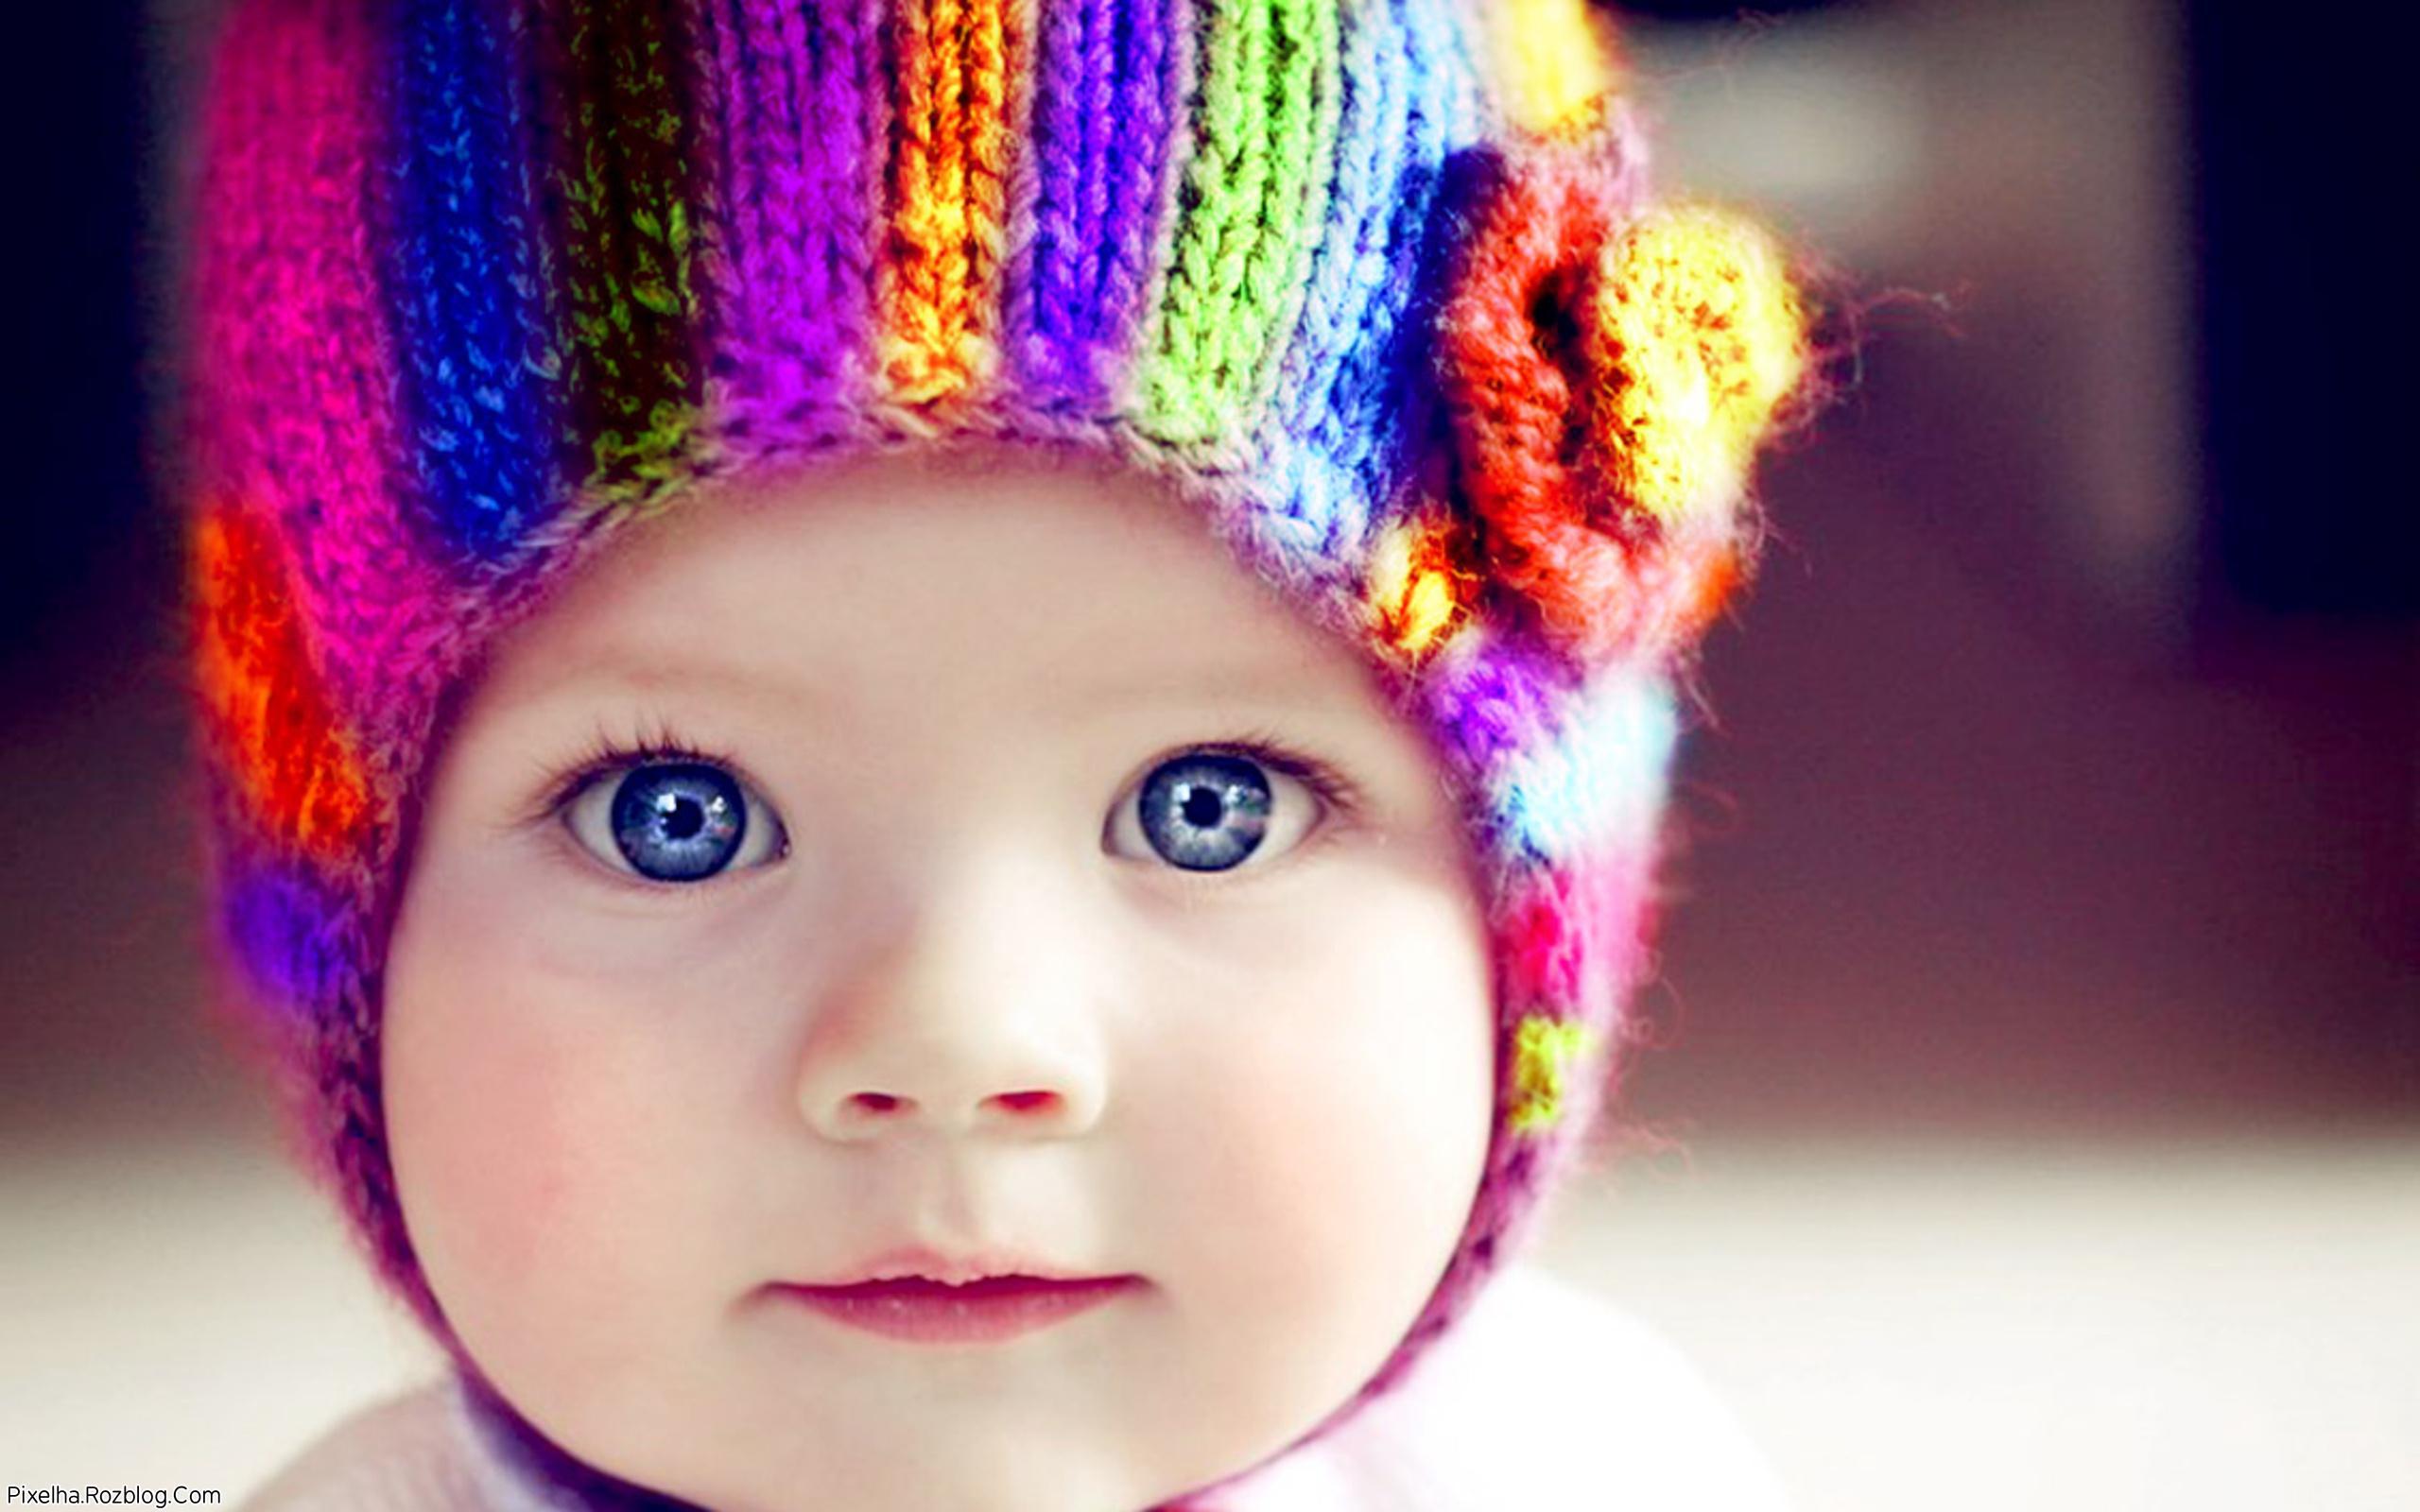 پسربچه بامزه با کلاه رنگارنگ و چشمان آبی